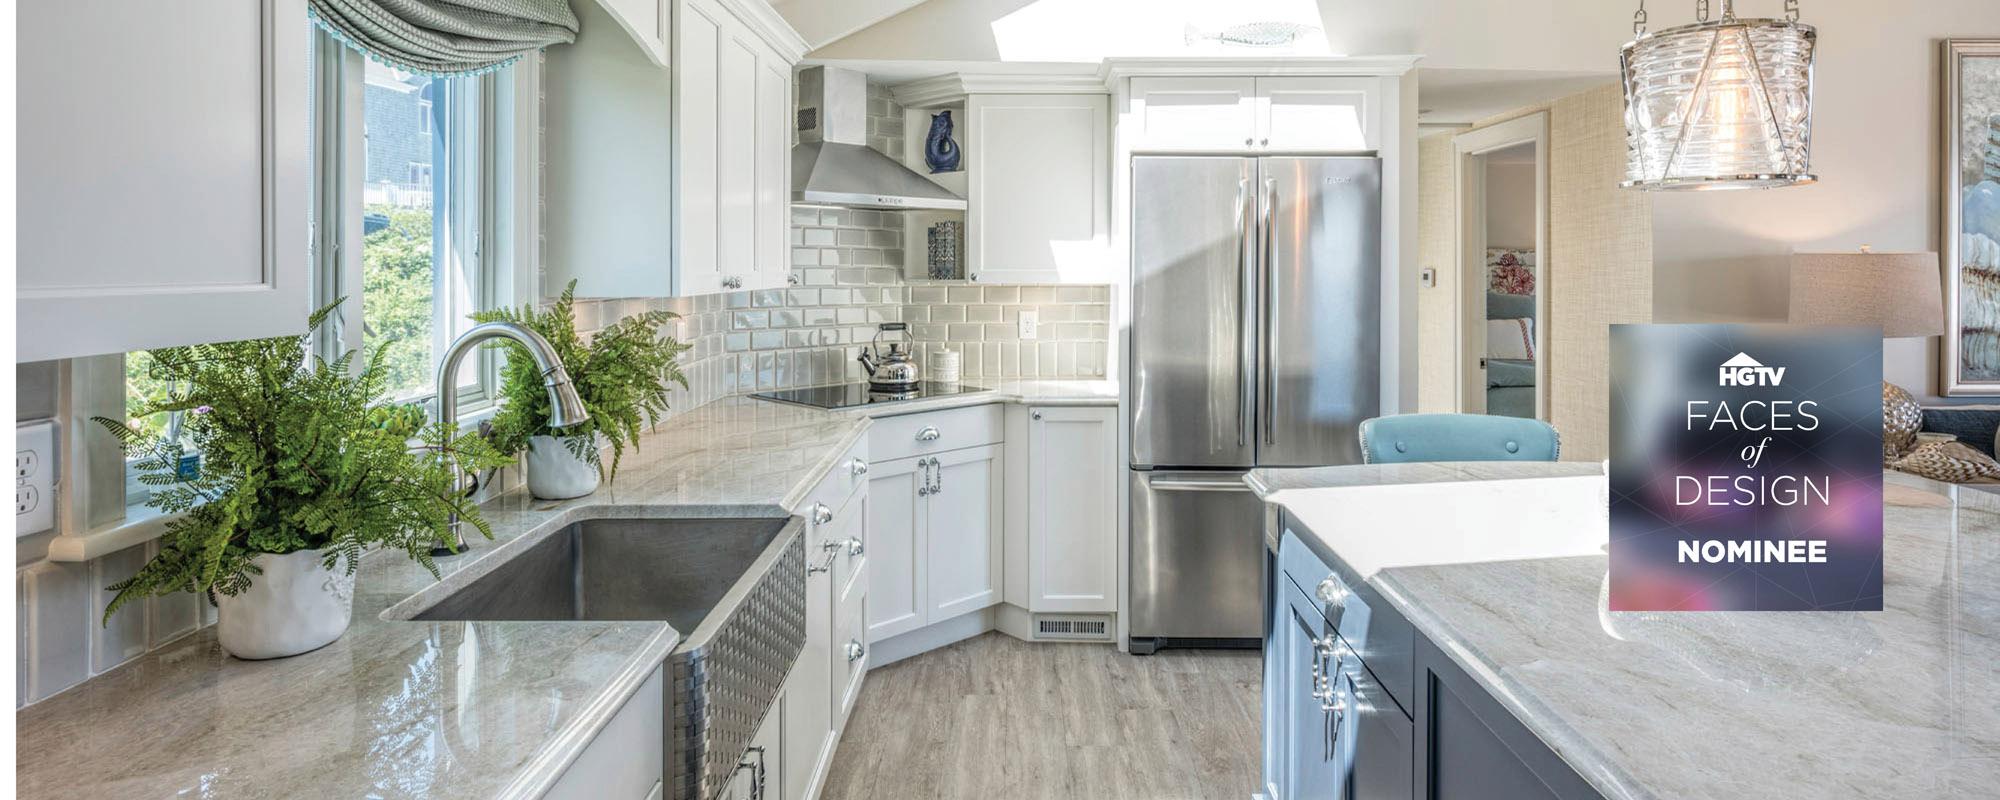 hgtv-casa-homepage-kitchen